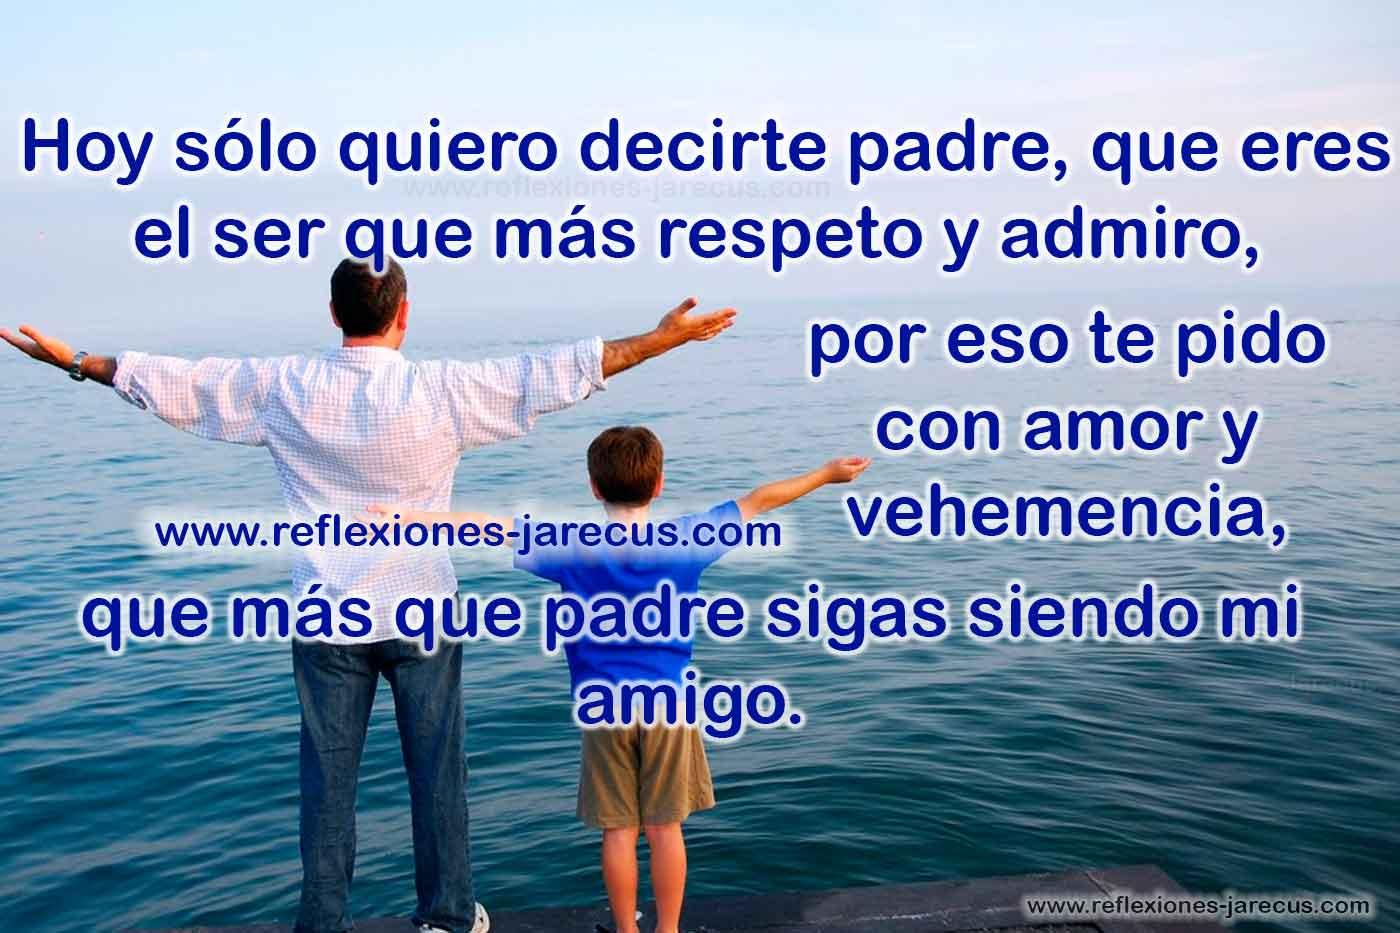 Hoy solo quiero decirte padre, que eres el ser que más respeto y admiro, por eso te pido con amor y vehemencia, que mas que padre sigas siendo mi amigo